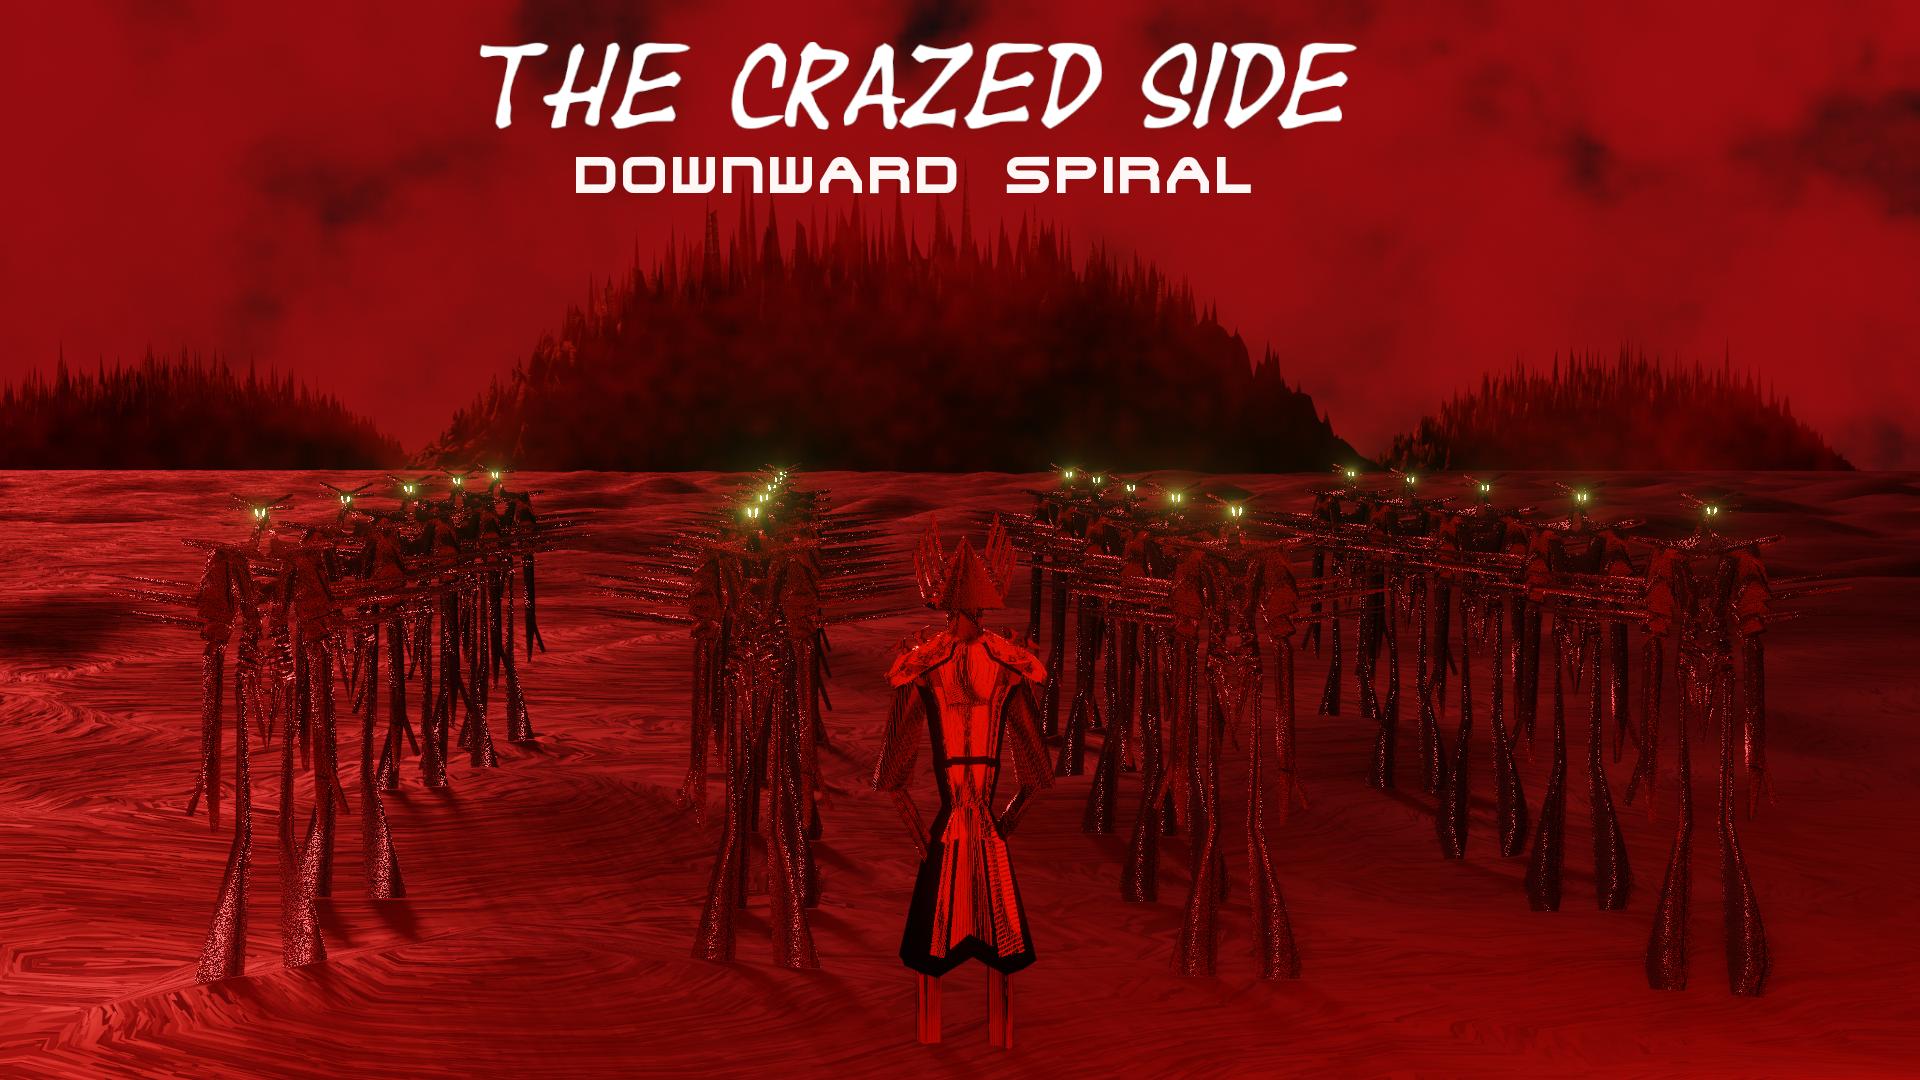 The Crazed Side: Downward Spiral